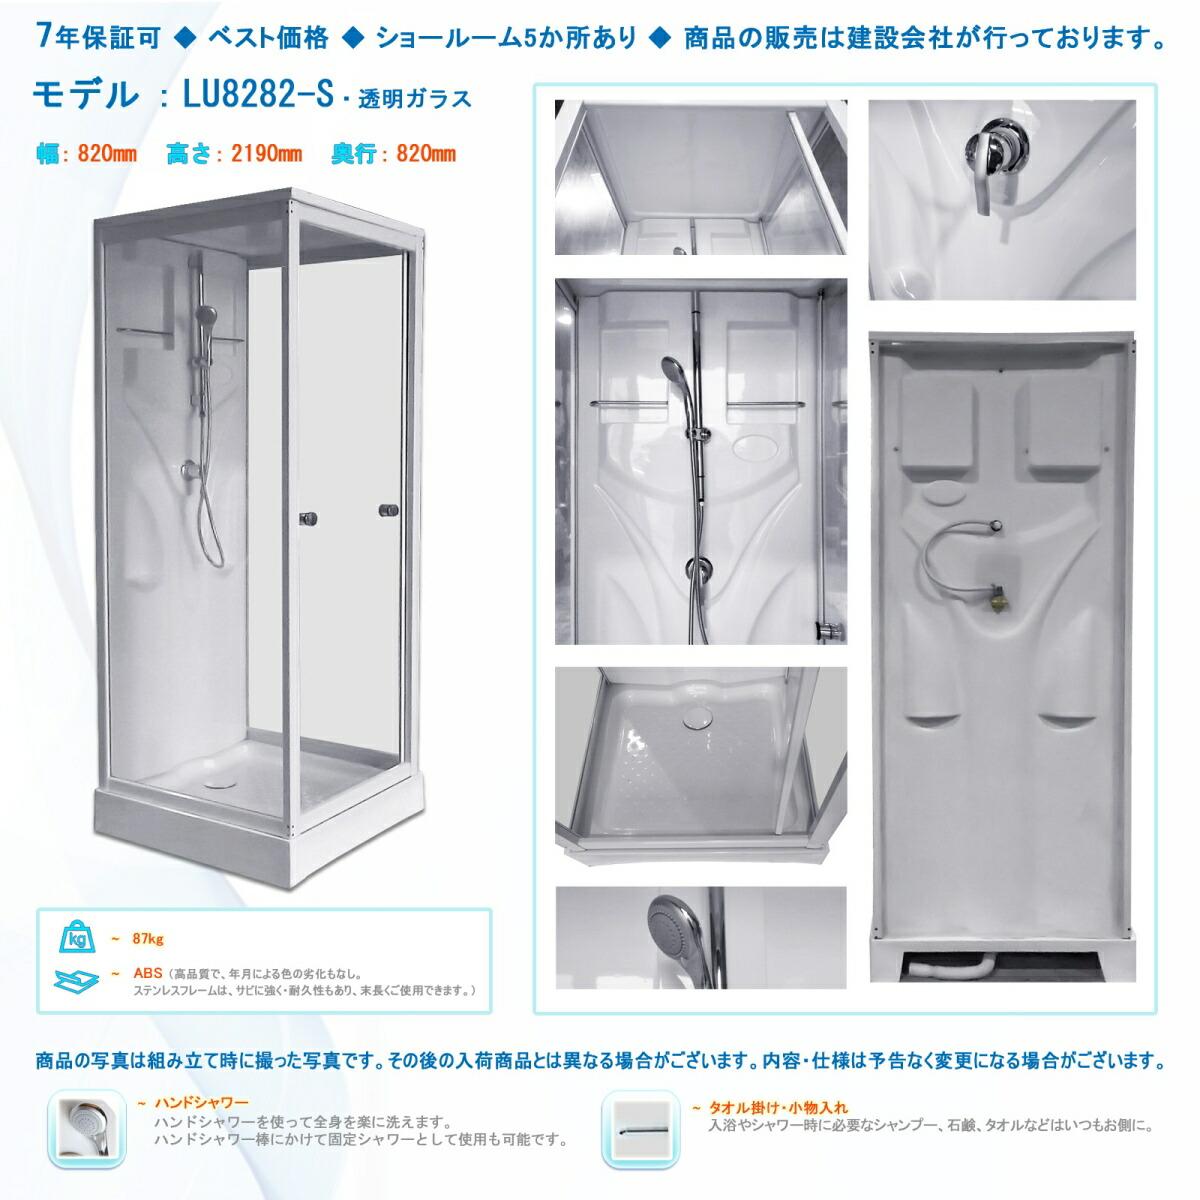 シャワーブース LU8282-S・透明ガラス 82x82x219h